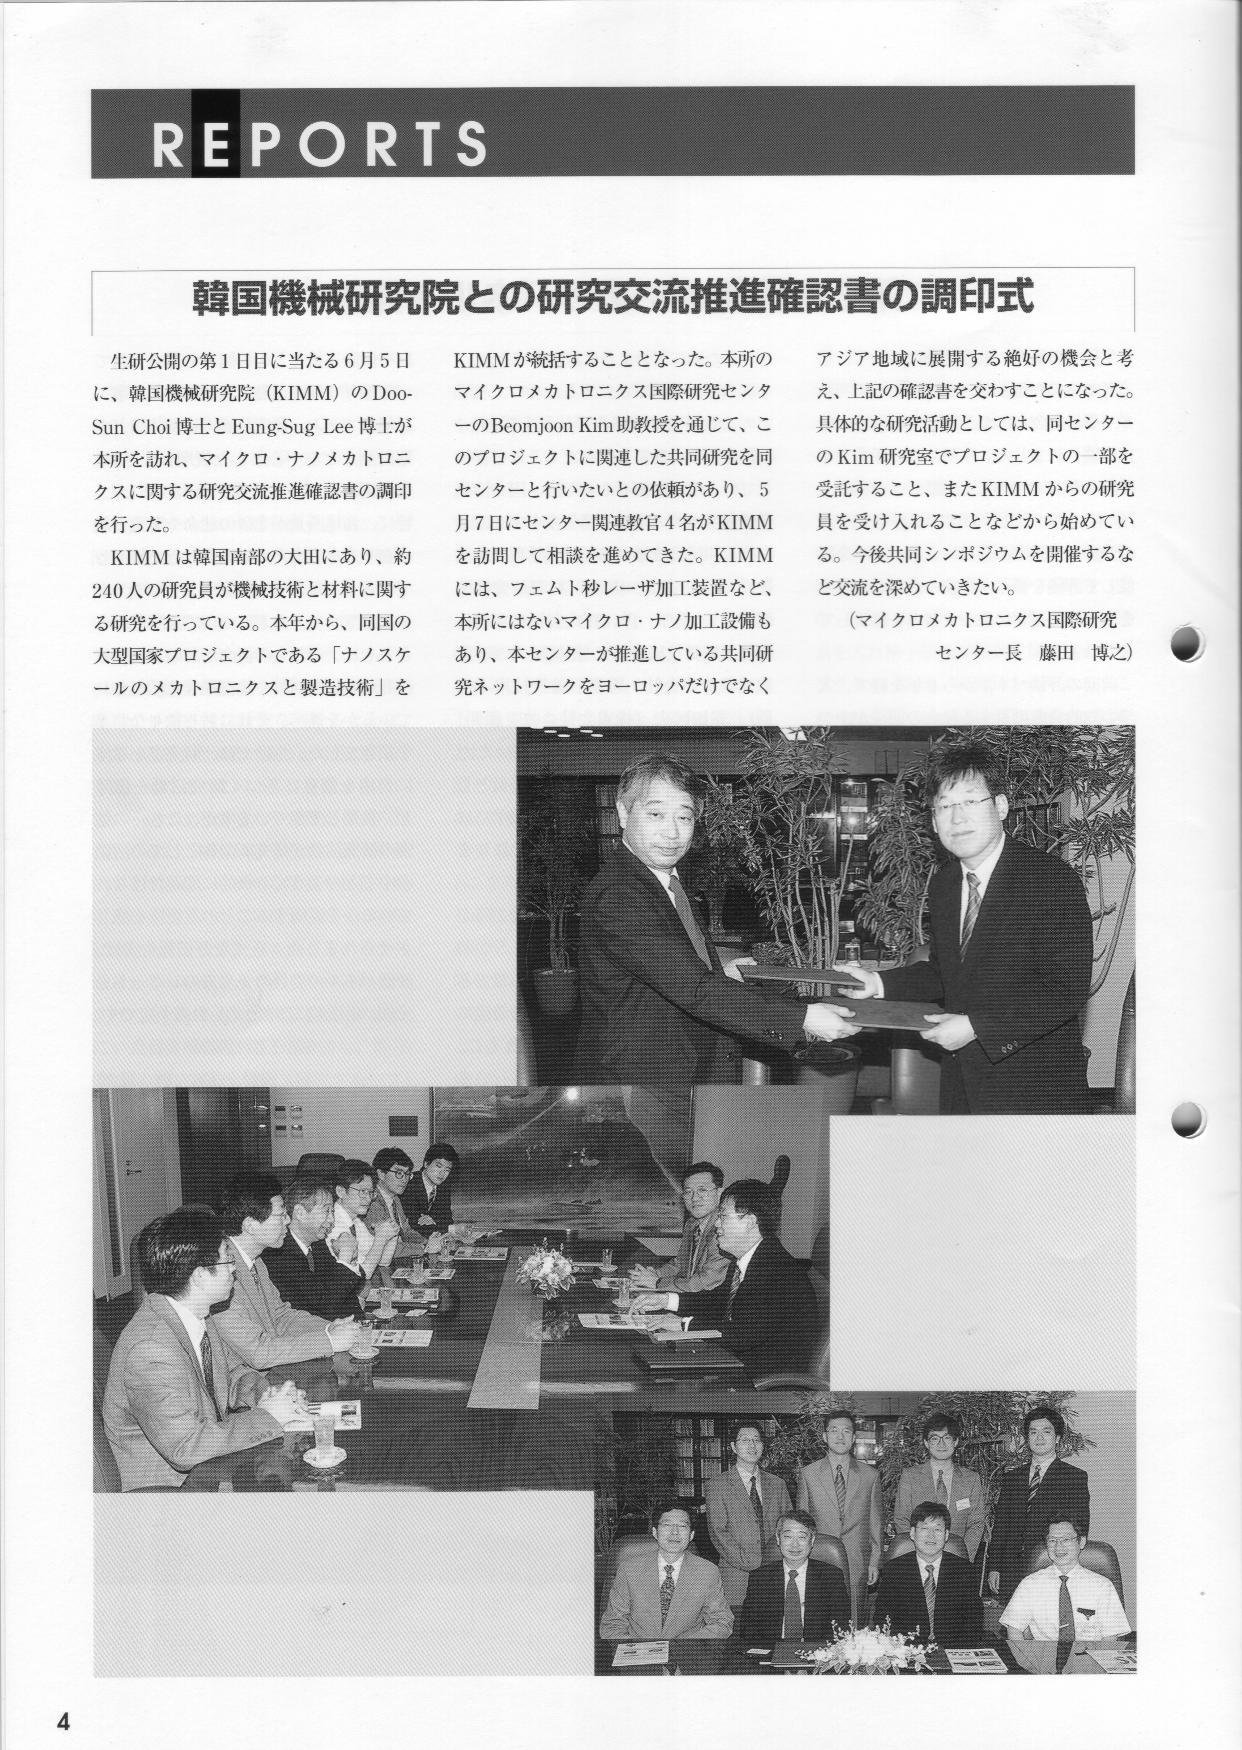 生研ニュース200308(KIMM).png